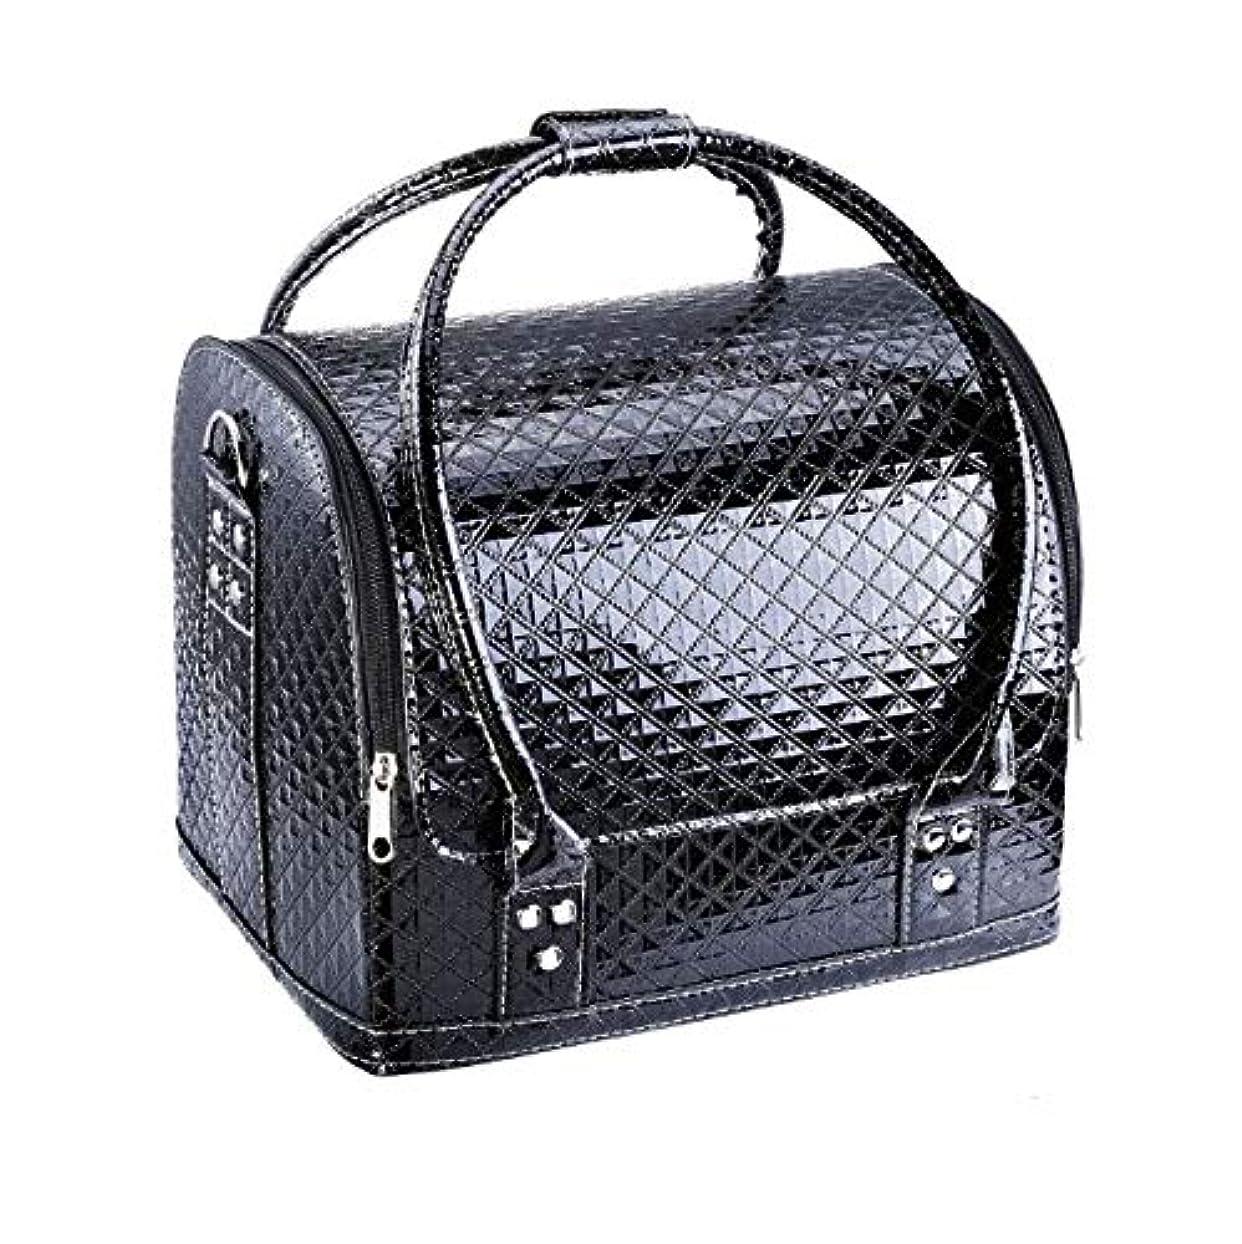 偉業殉教者余暇化粧箱、大容量ダブルオープンポータブル化粧品ケース、ポータブルダイヤモンドパターン旅行化粧品バッグ、美容ネイルジュエリー収納ボックス